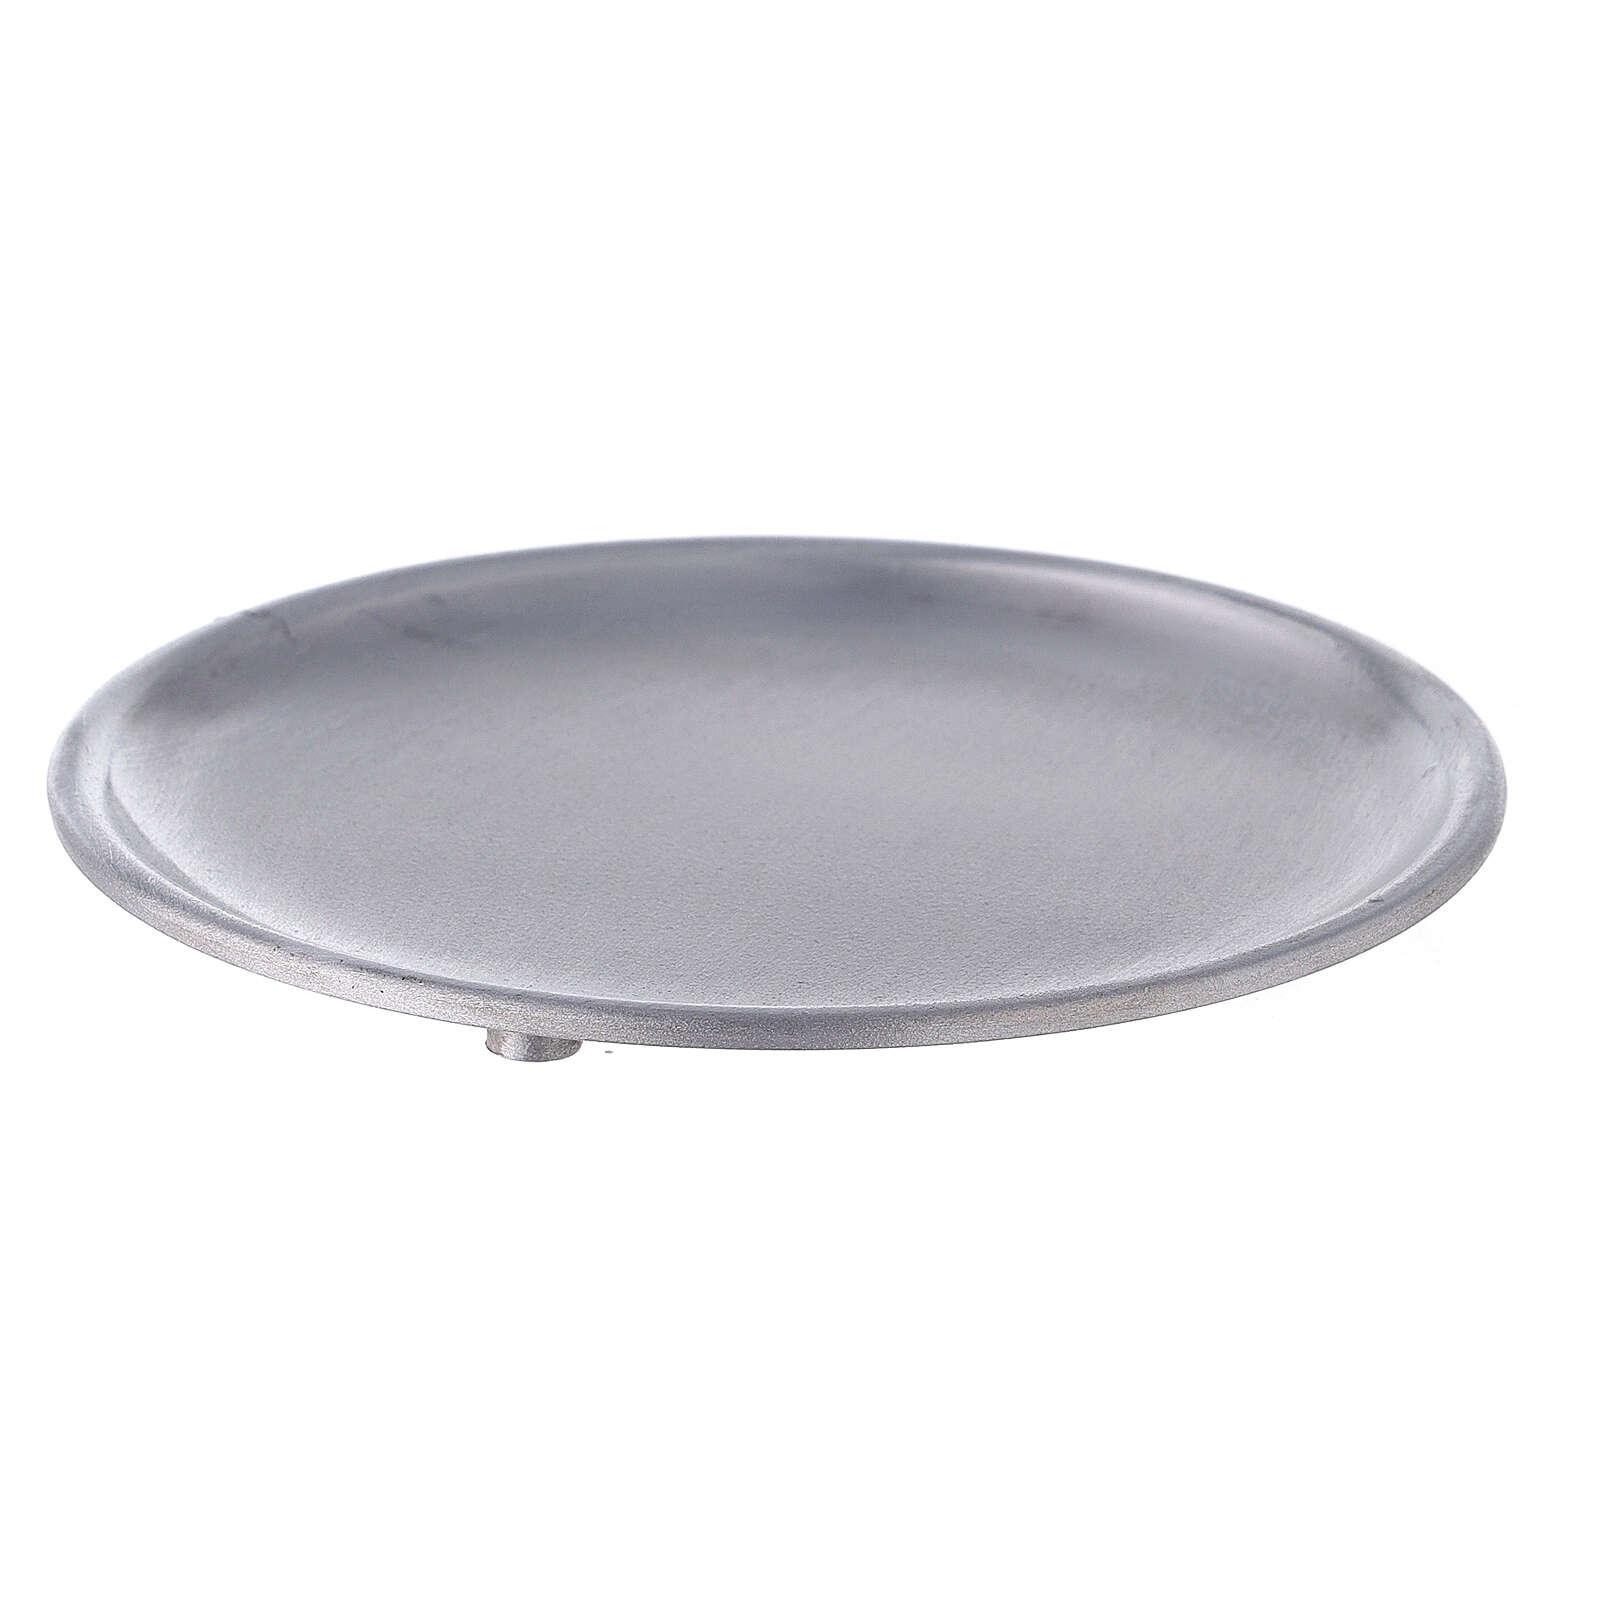 Plato portavela 12 cm aluminio opaco 3